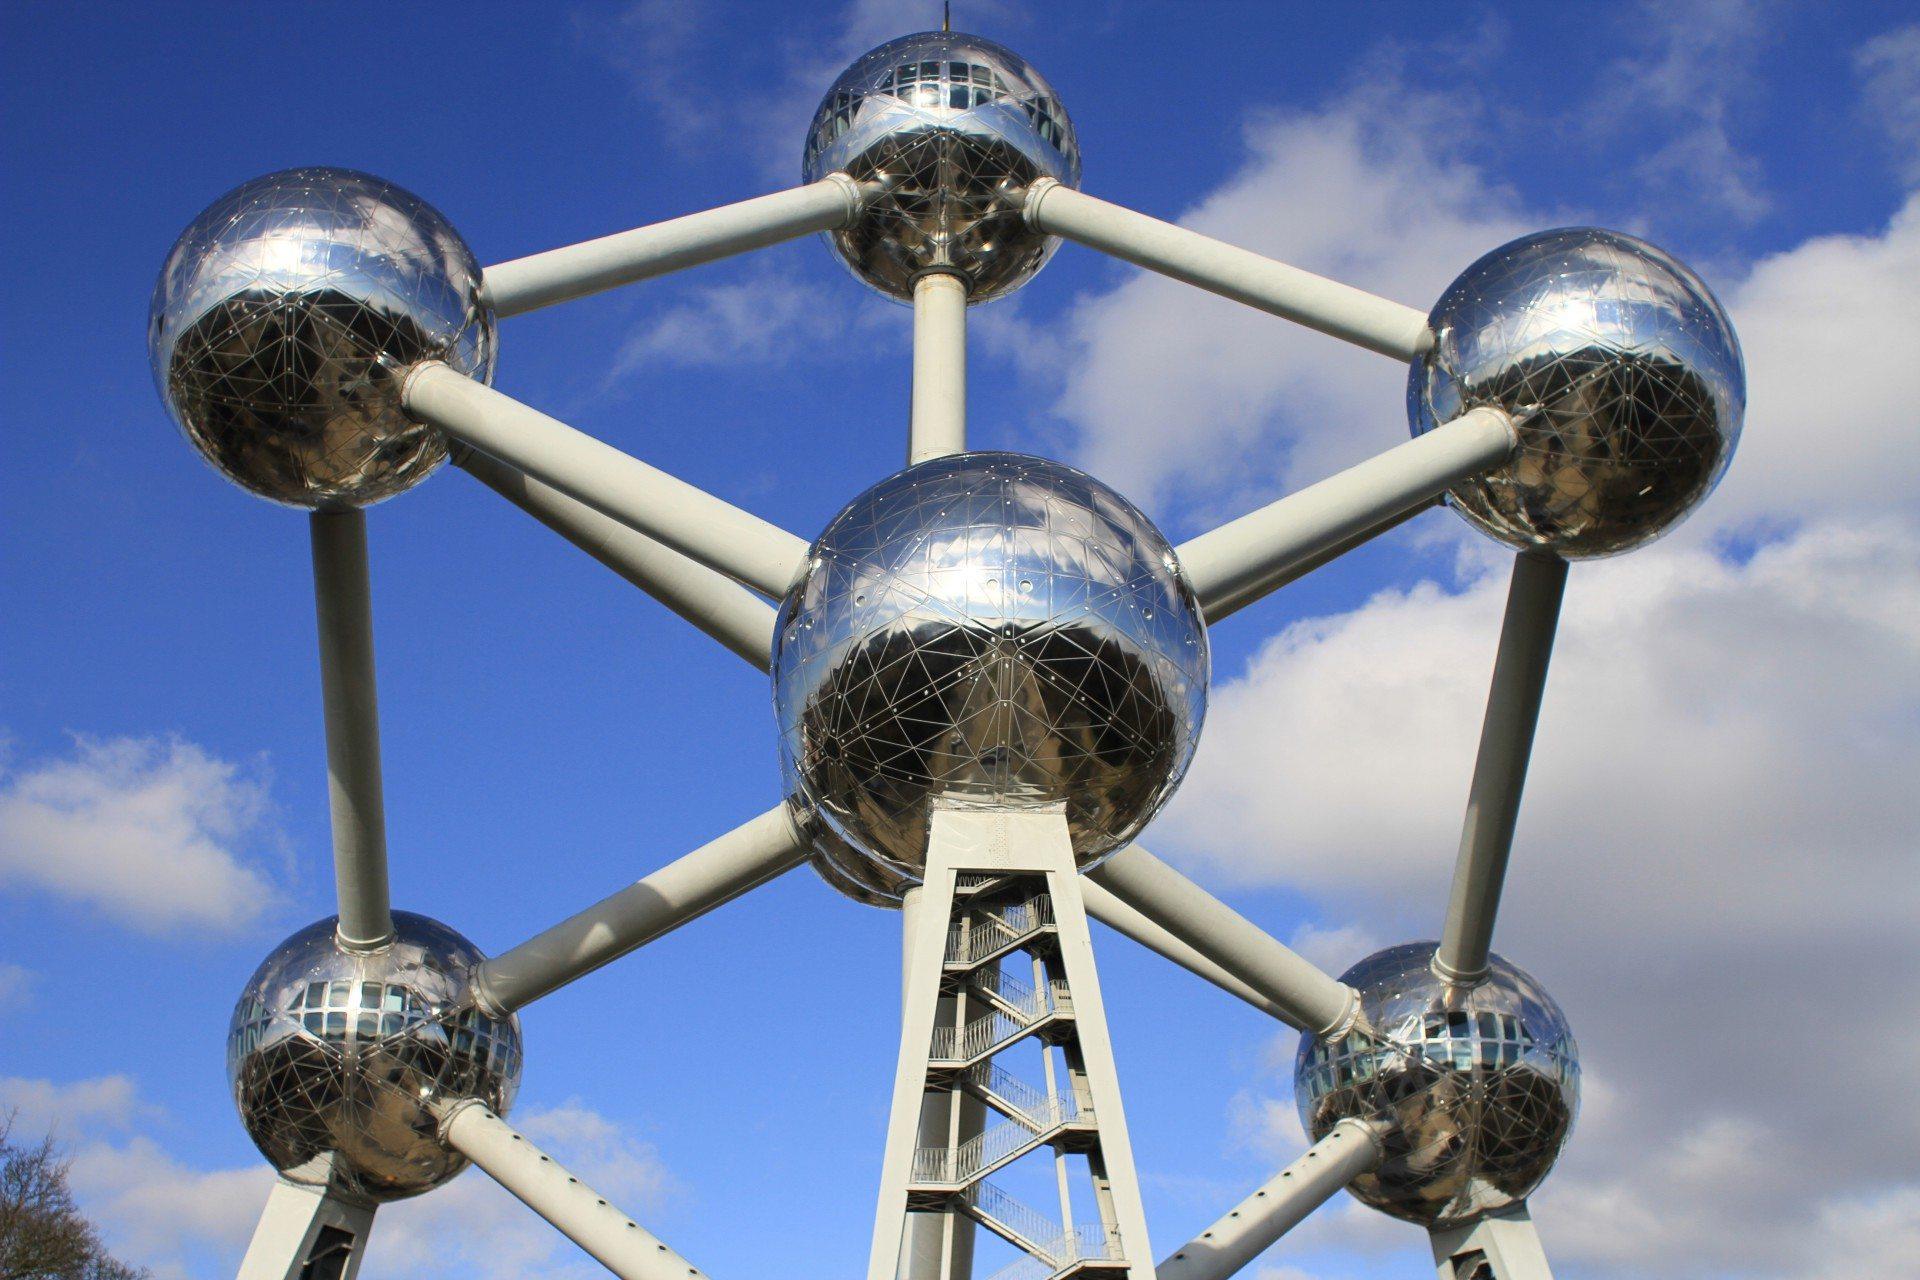 Die Vergrößerung. Die Idee des Ingenieurs André Waterkeyn: die 165-milliardenfache Vergrößerung eines Eisenatoms als begehbare Skulptur